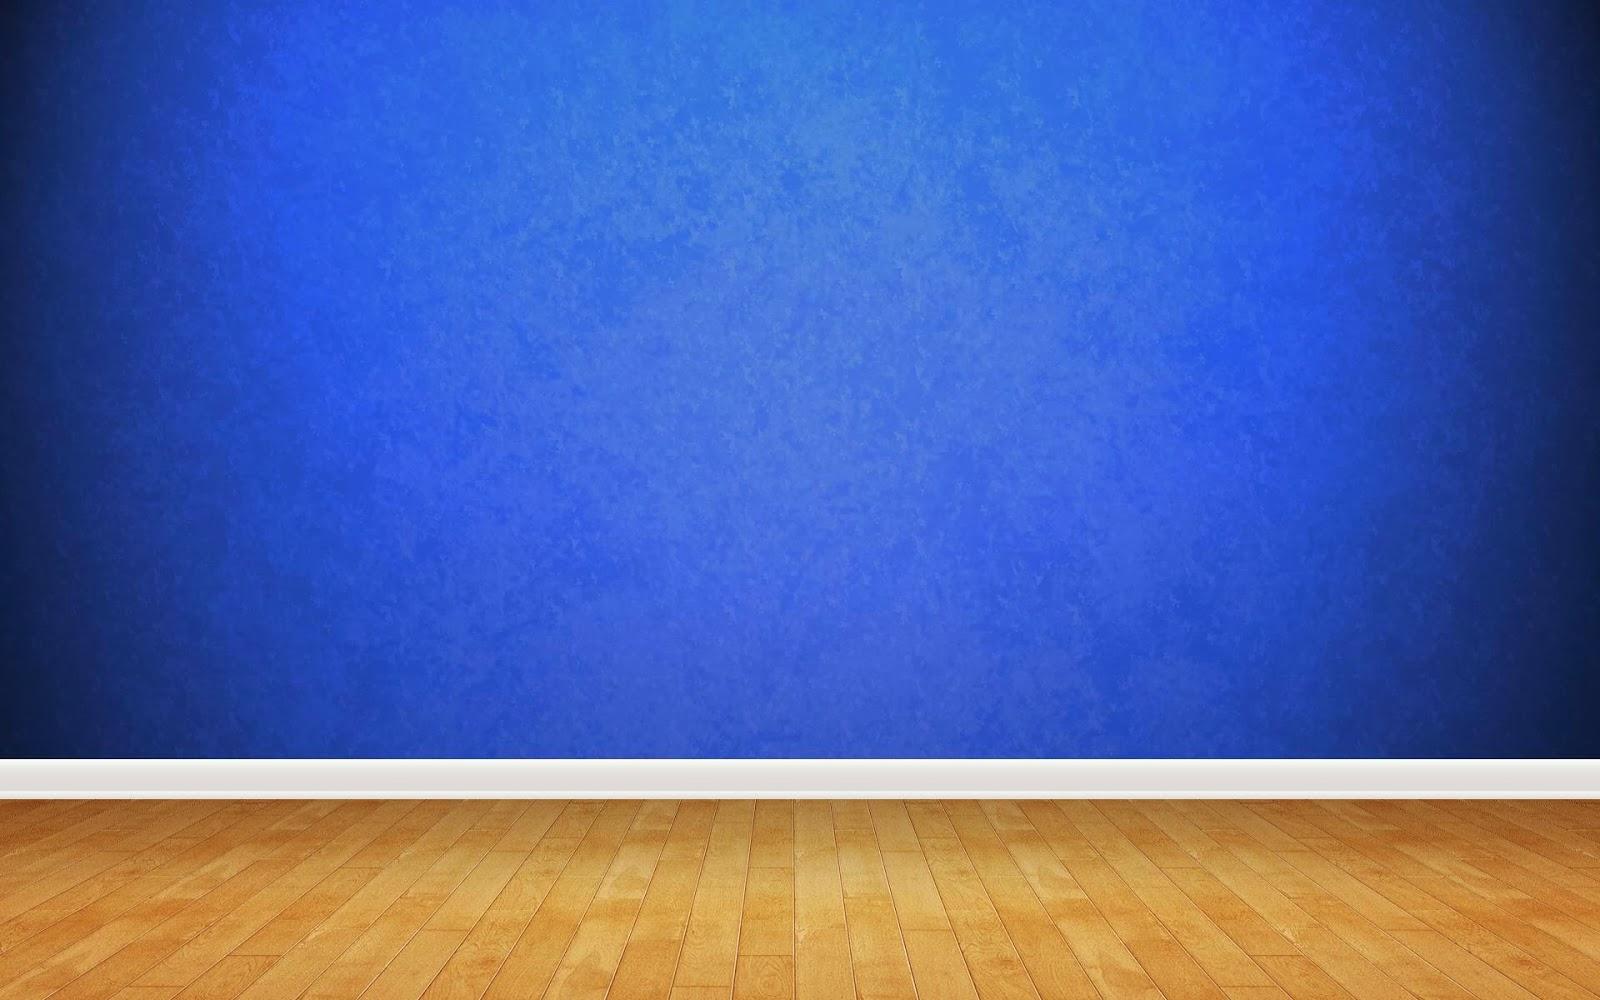 Fondos De Pared: Imagenes Hilandy: Fondo De Pantalla Abstracto Pared Azul